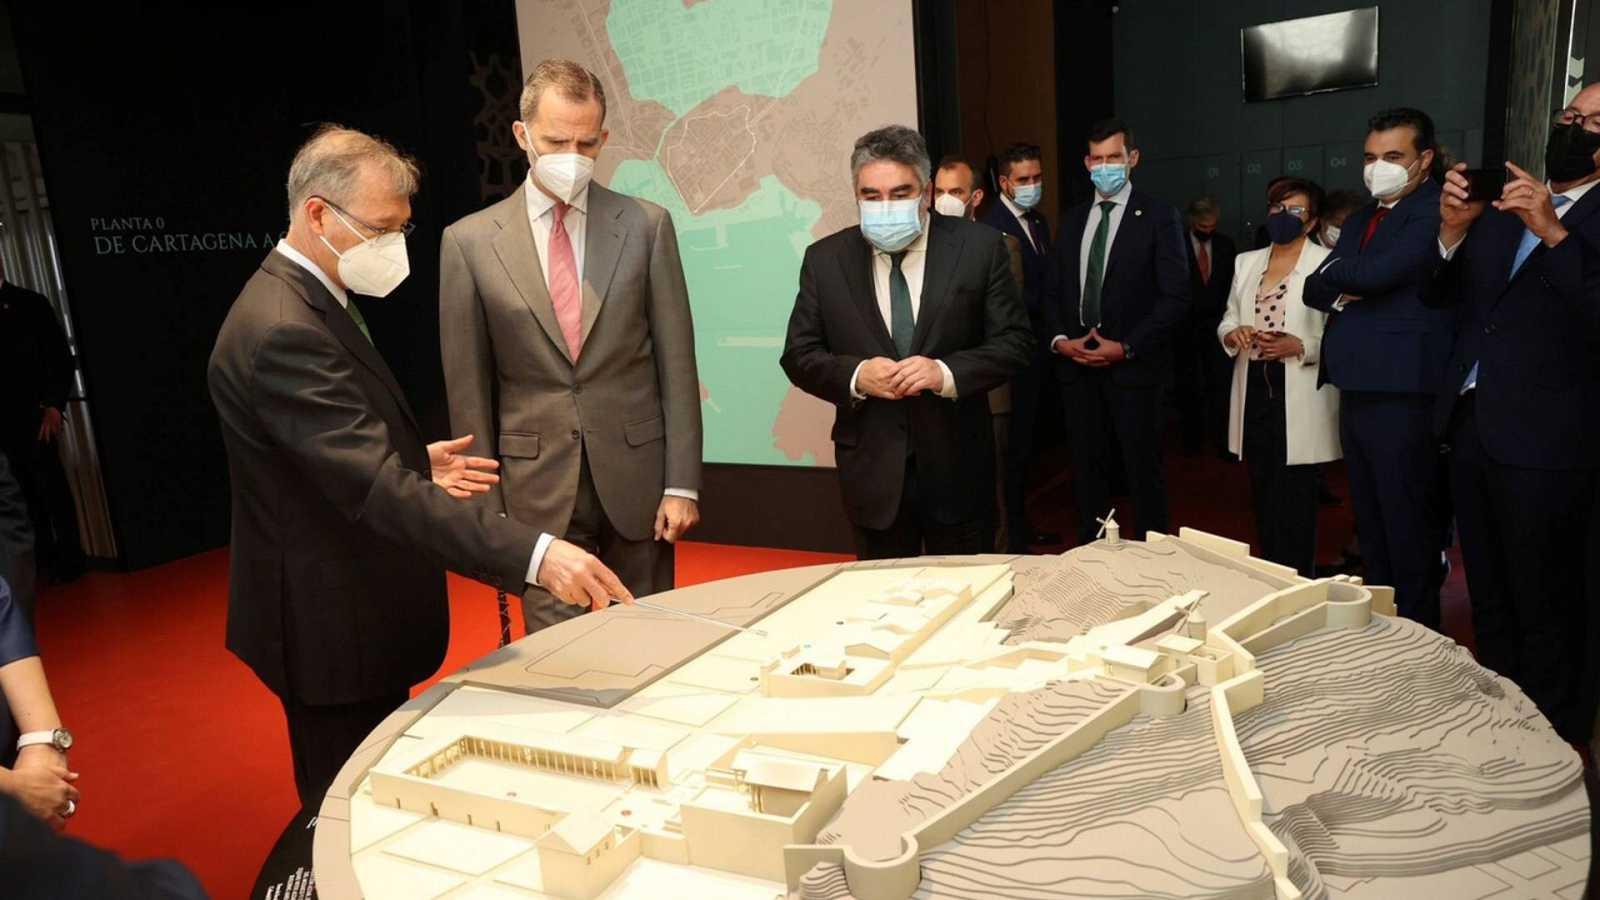 Vídeo sobre el Rey Felipe VI inaugurando el Museo Foro Romano